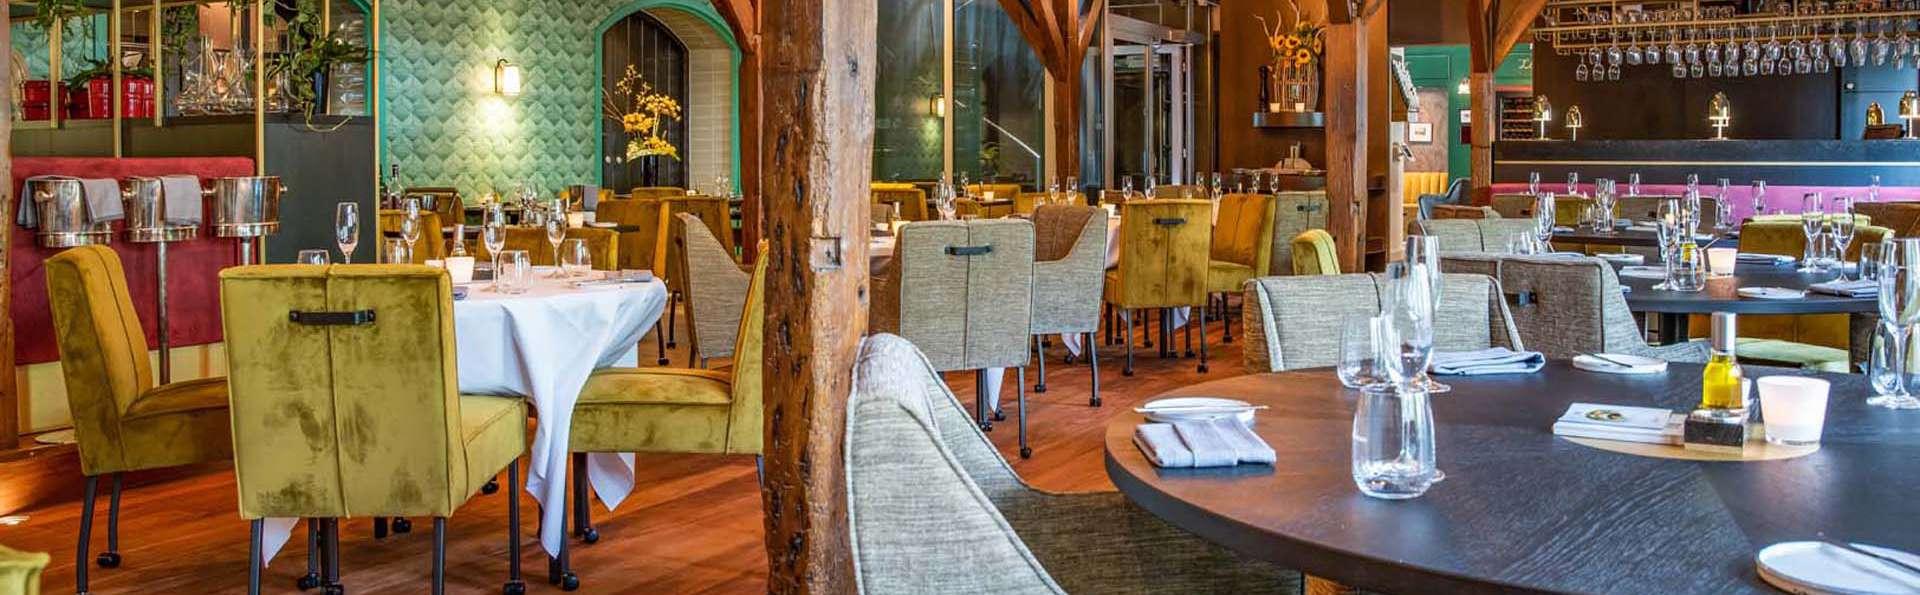 Hotel & Spa Savarin - EDIT_RESTAURANT_13.jpg